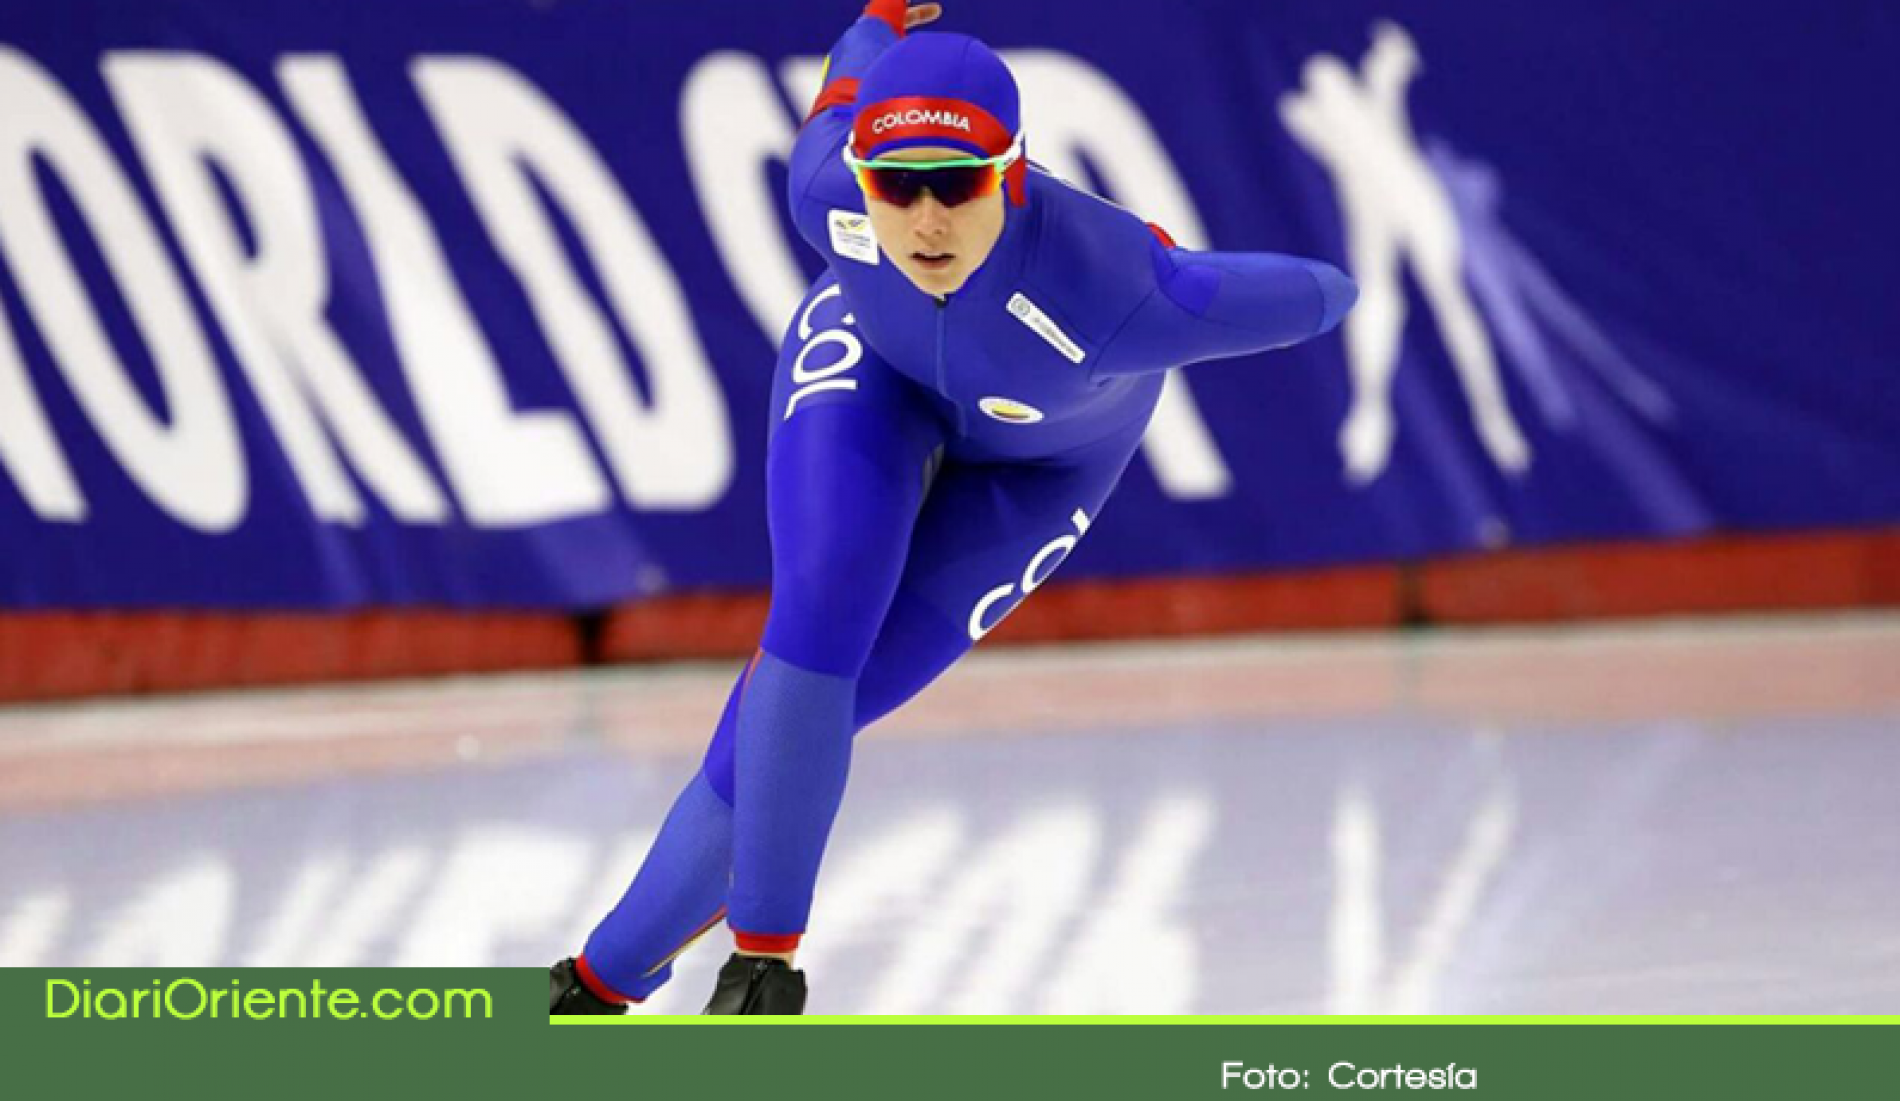 Laura Gómez, la patinadora carmelitana que hará historia en los Juegos Olímpicos de Invierno